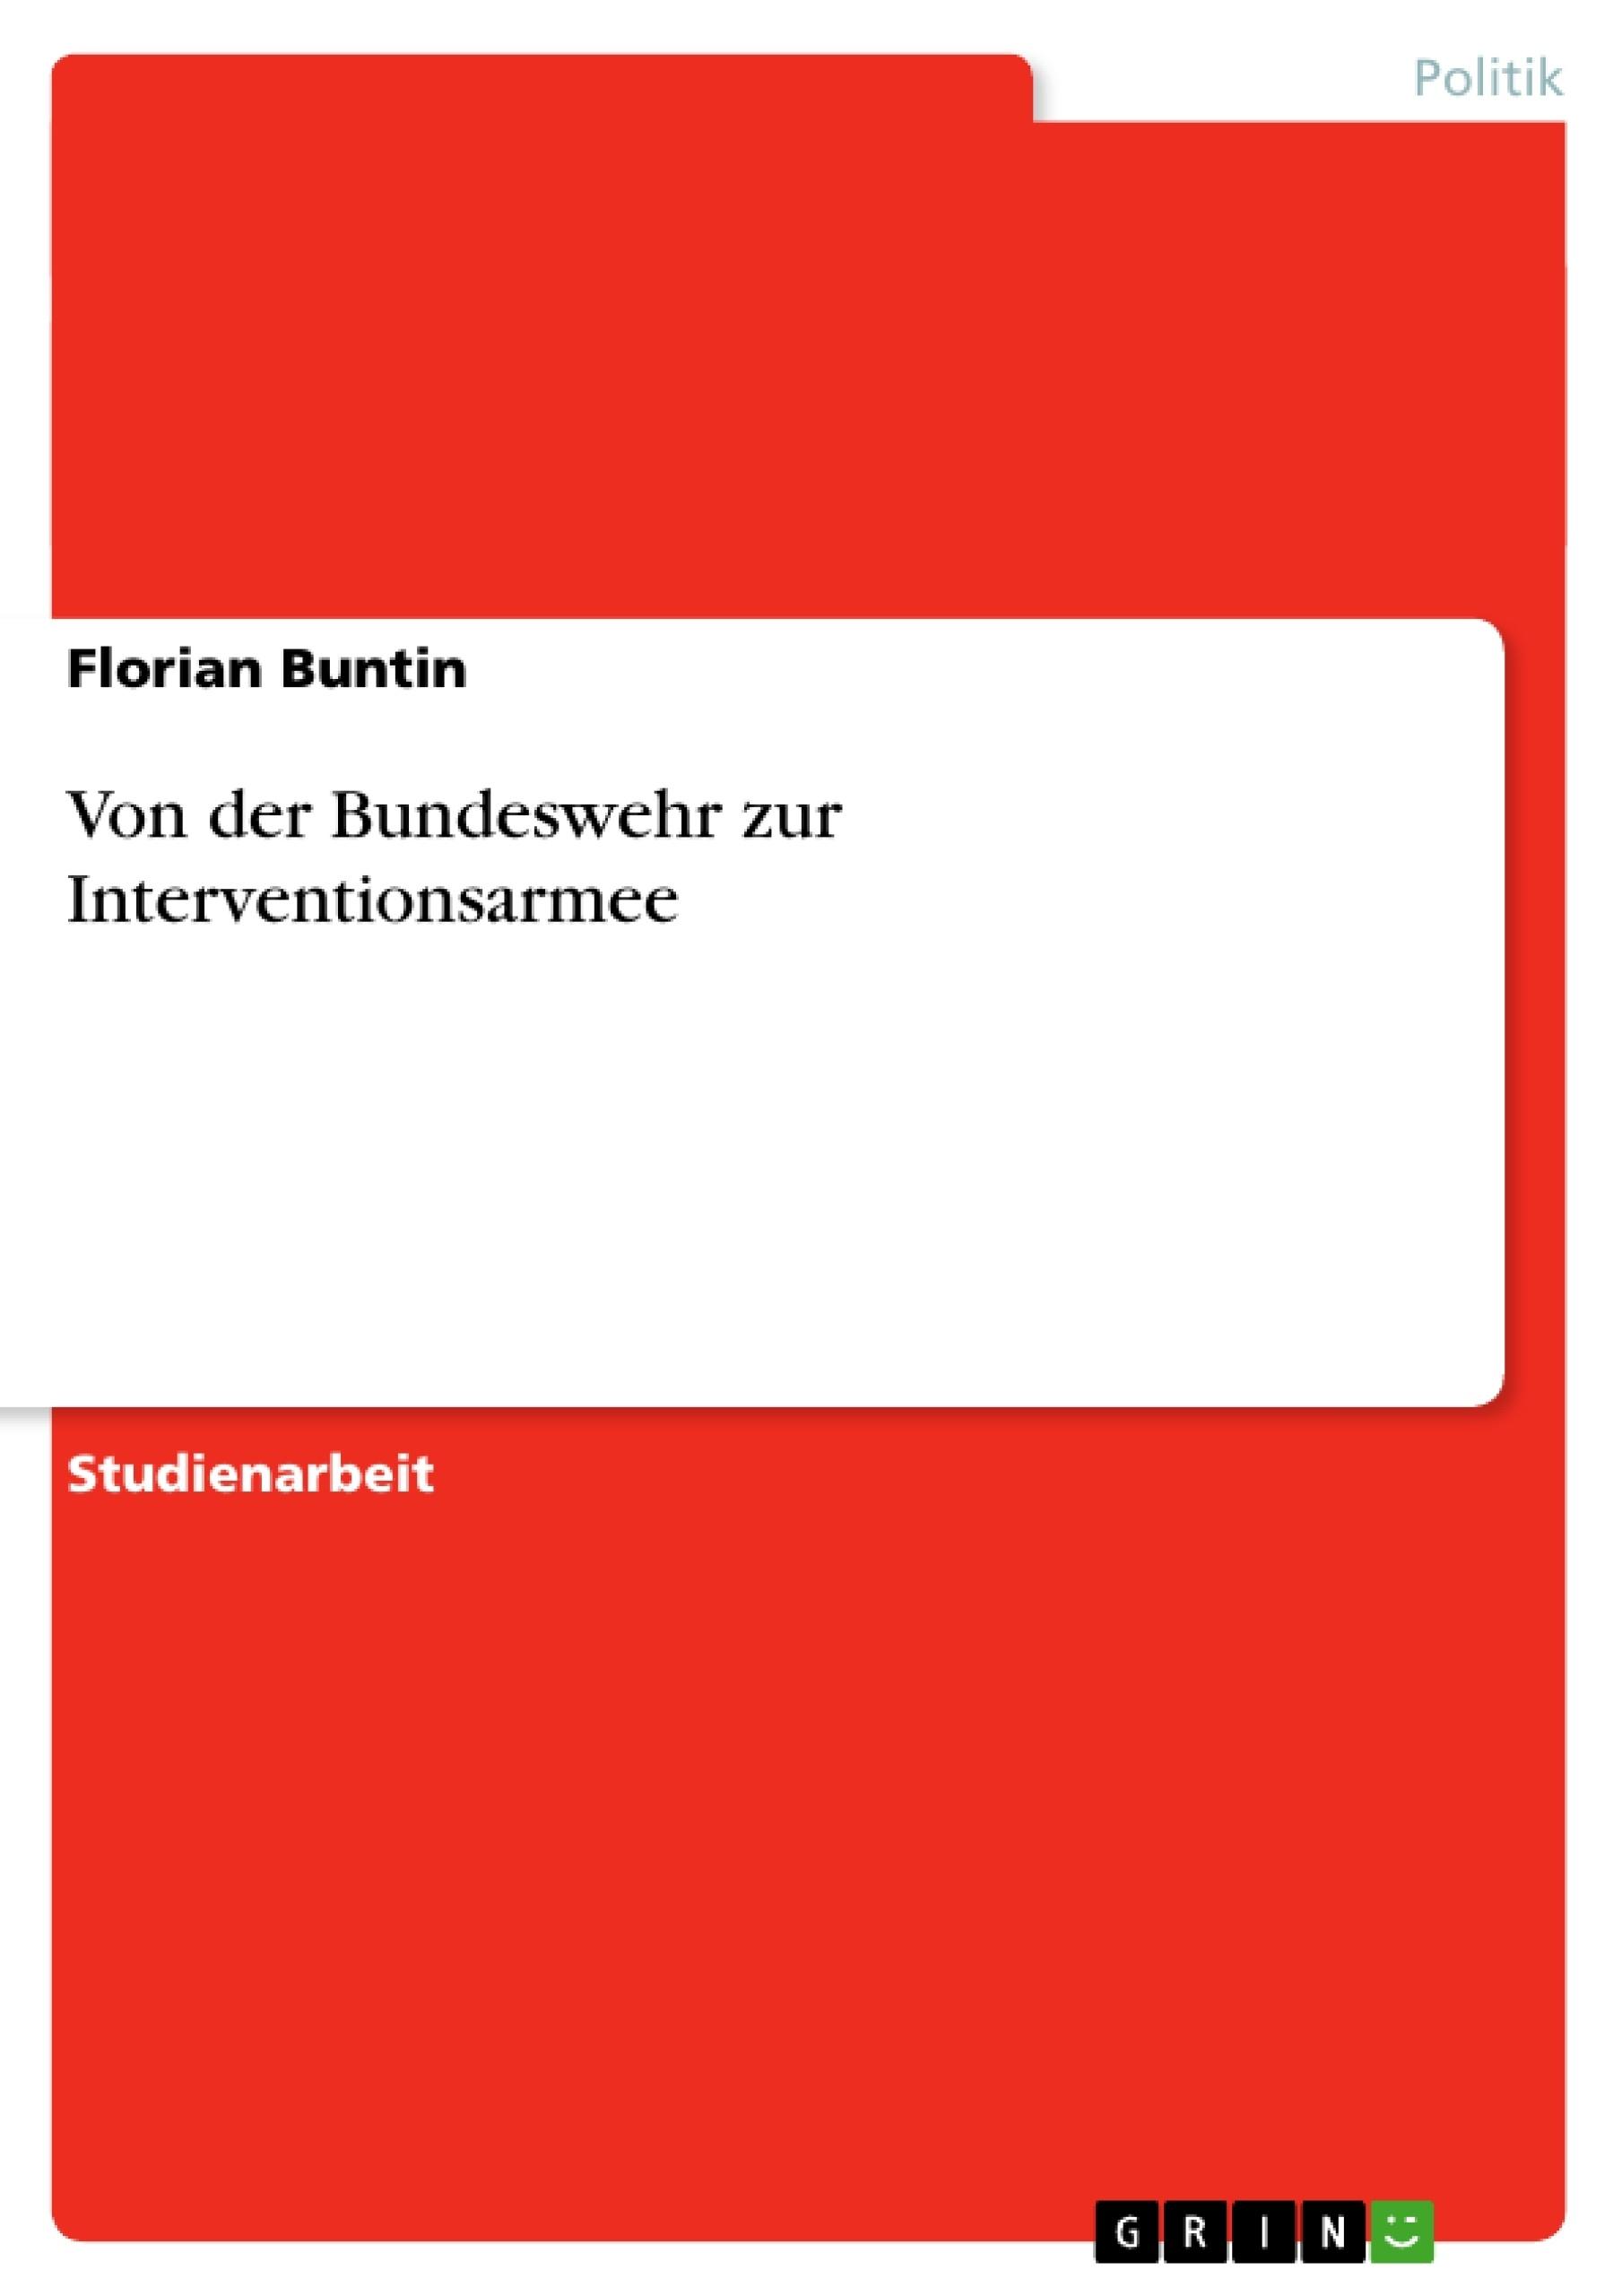 Titel: Von der Bundeswehr zur Interventionsarmee